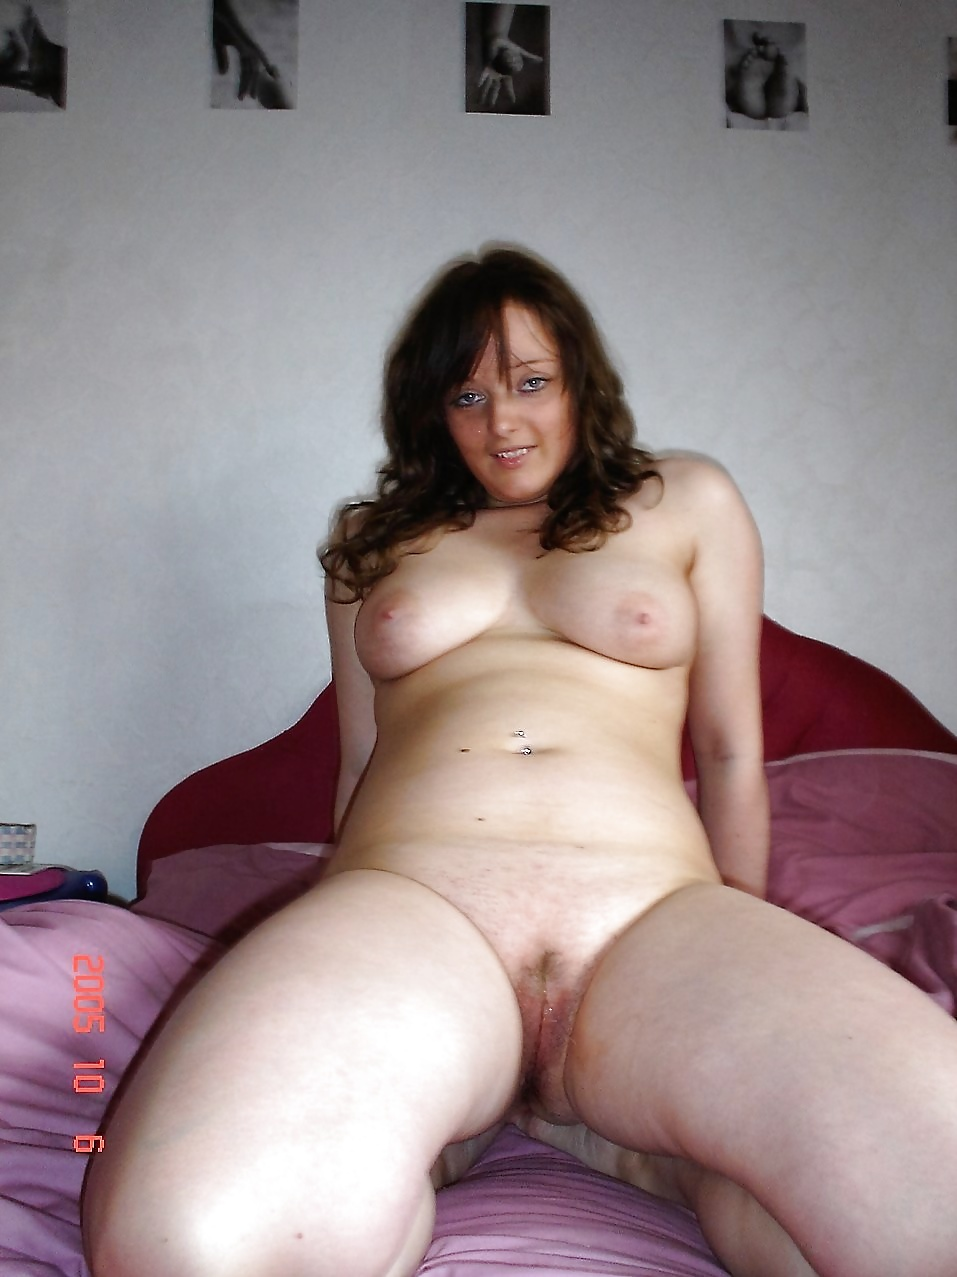 Bilder meiner nackten frau